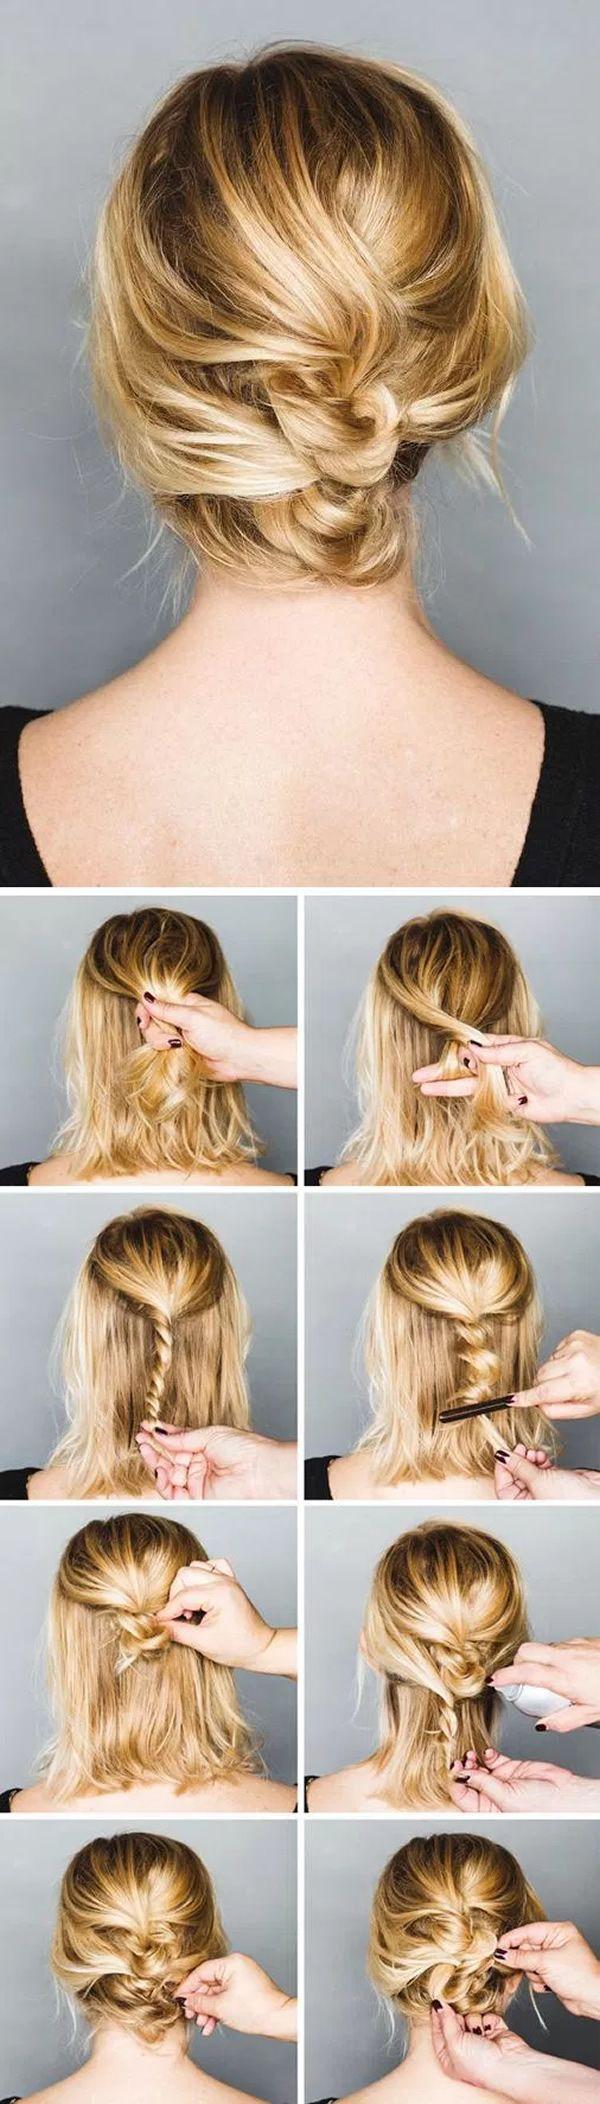 Como hacer un recogido con cabello corto